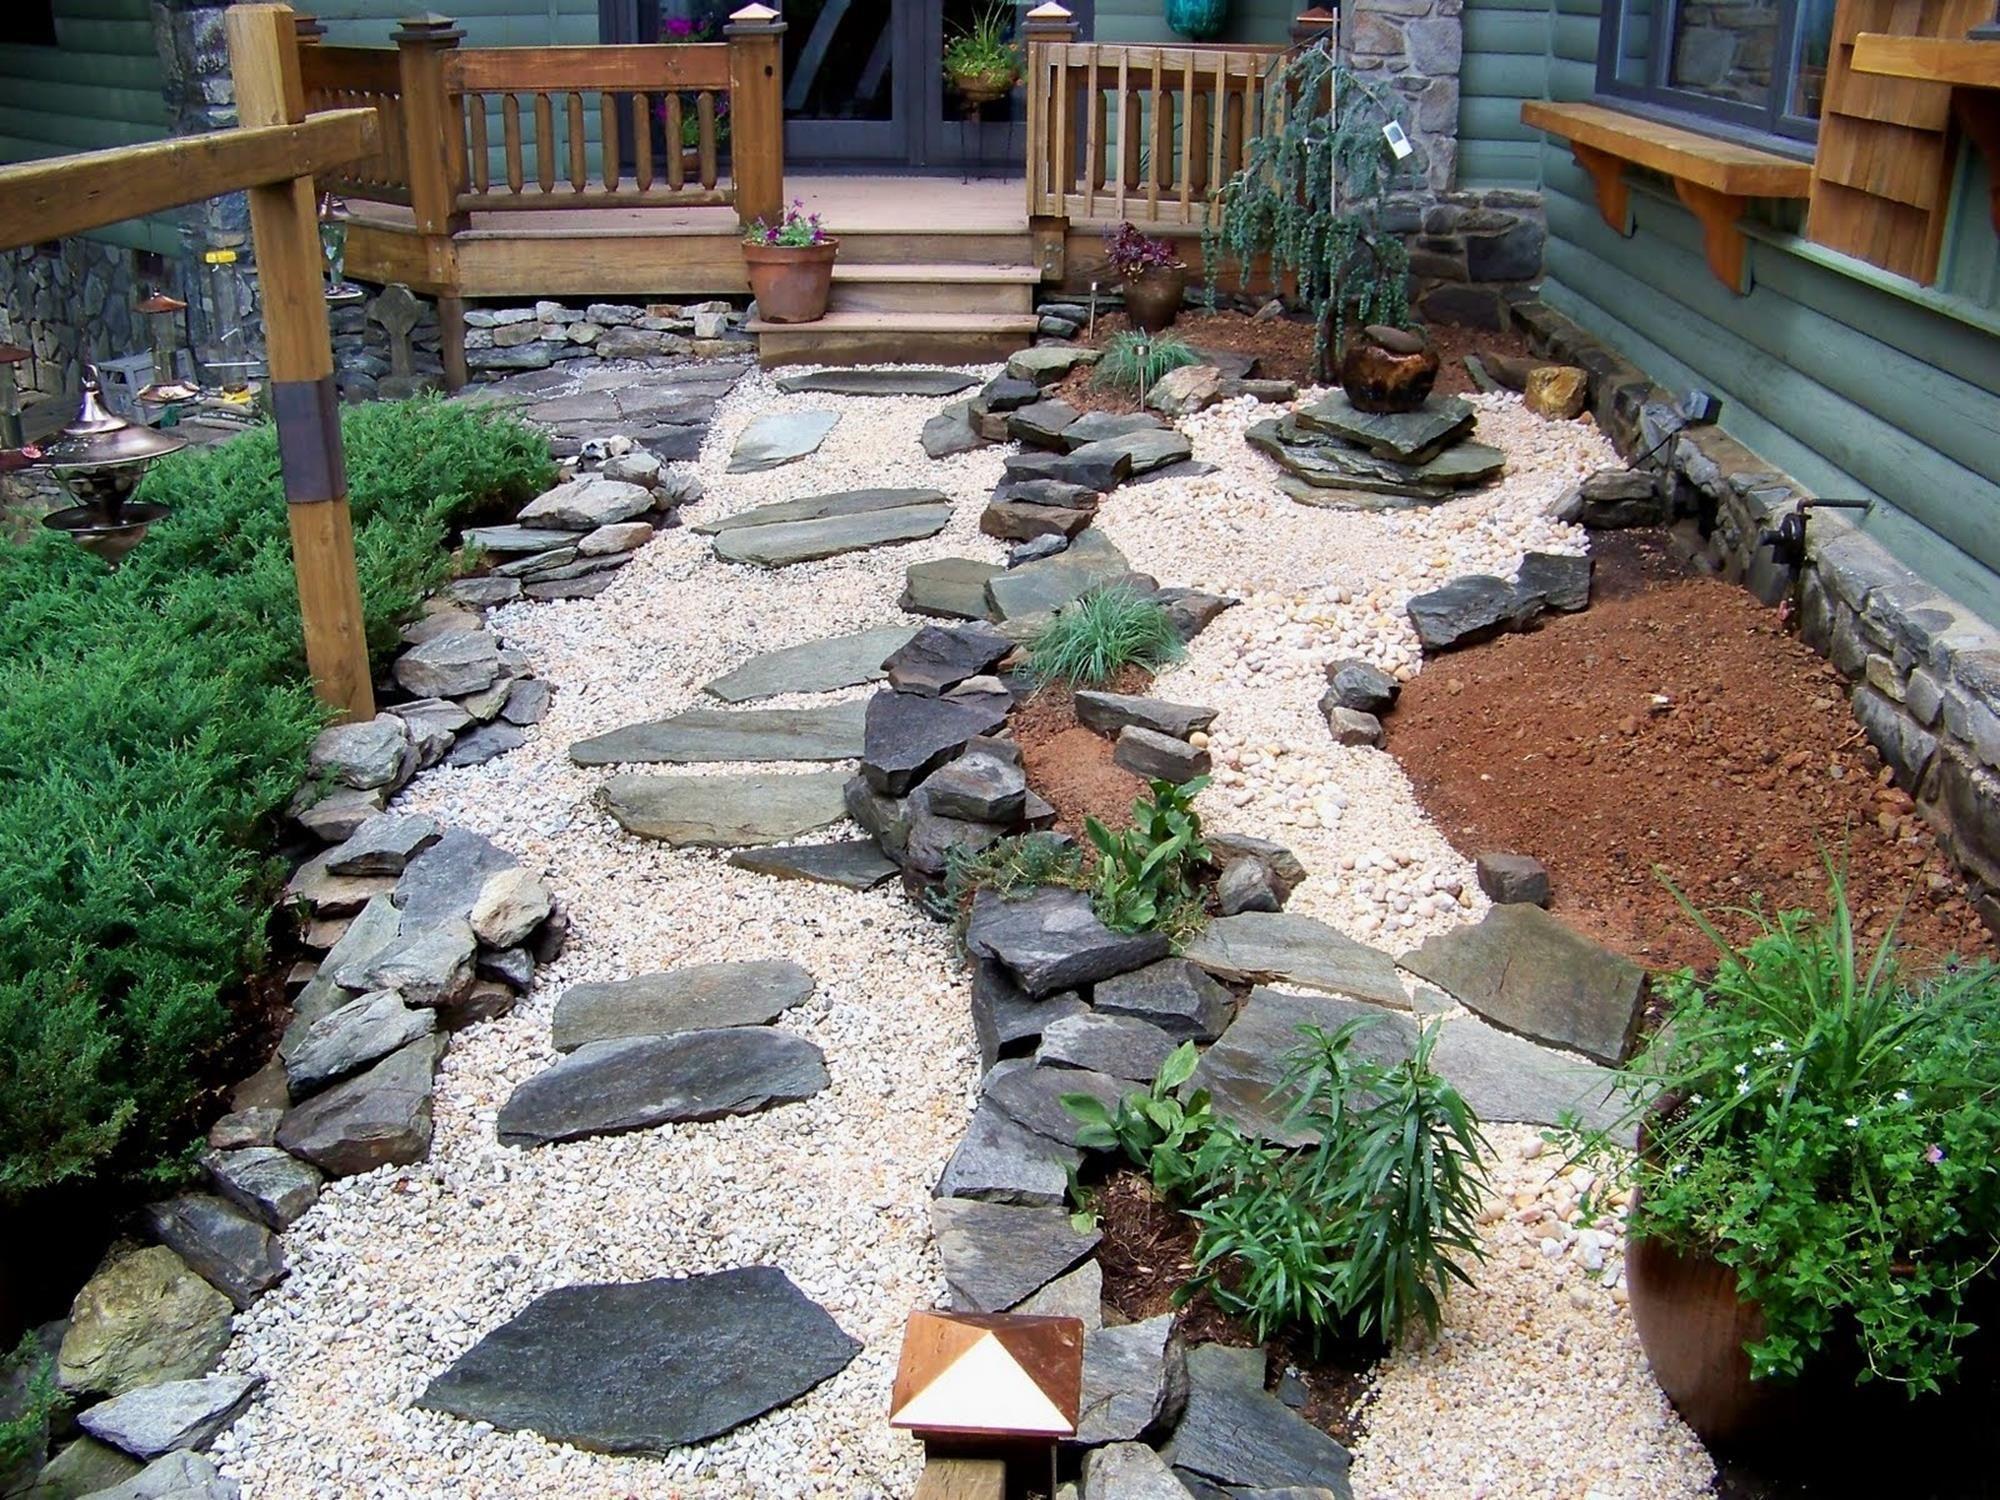 Diy Japanese Garden Design And Decor Ideas 32 Japanese Garden Design Japanese Garden Backyard Japanese Rock Garden Diy backyard japanese garden